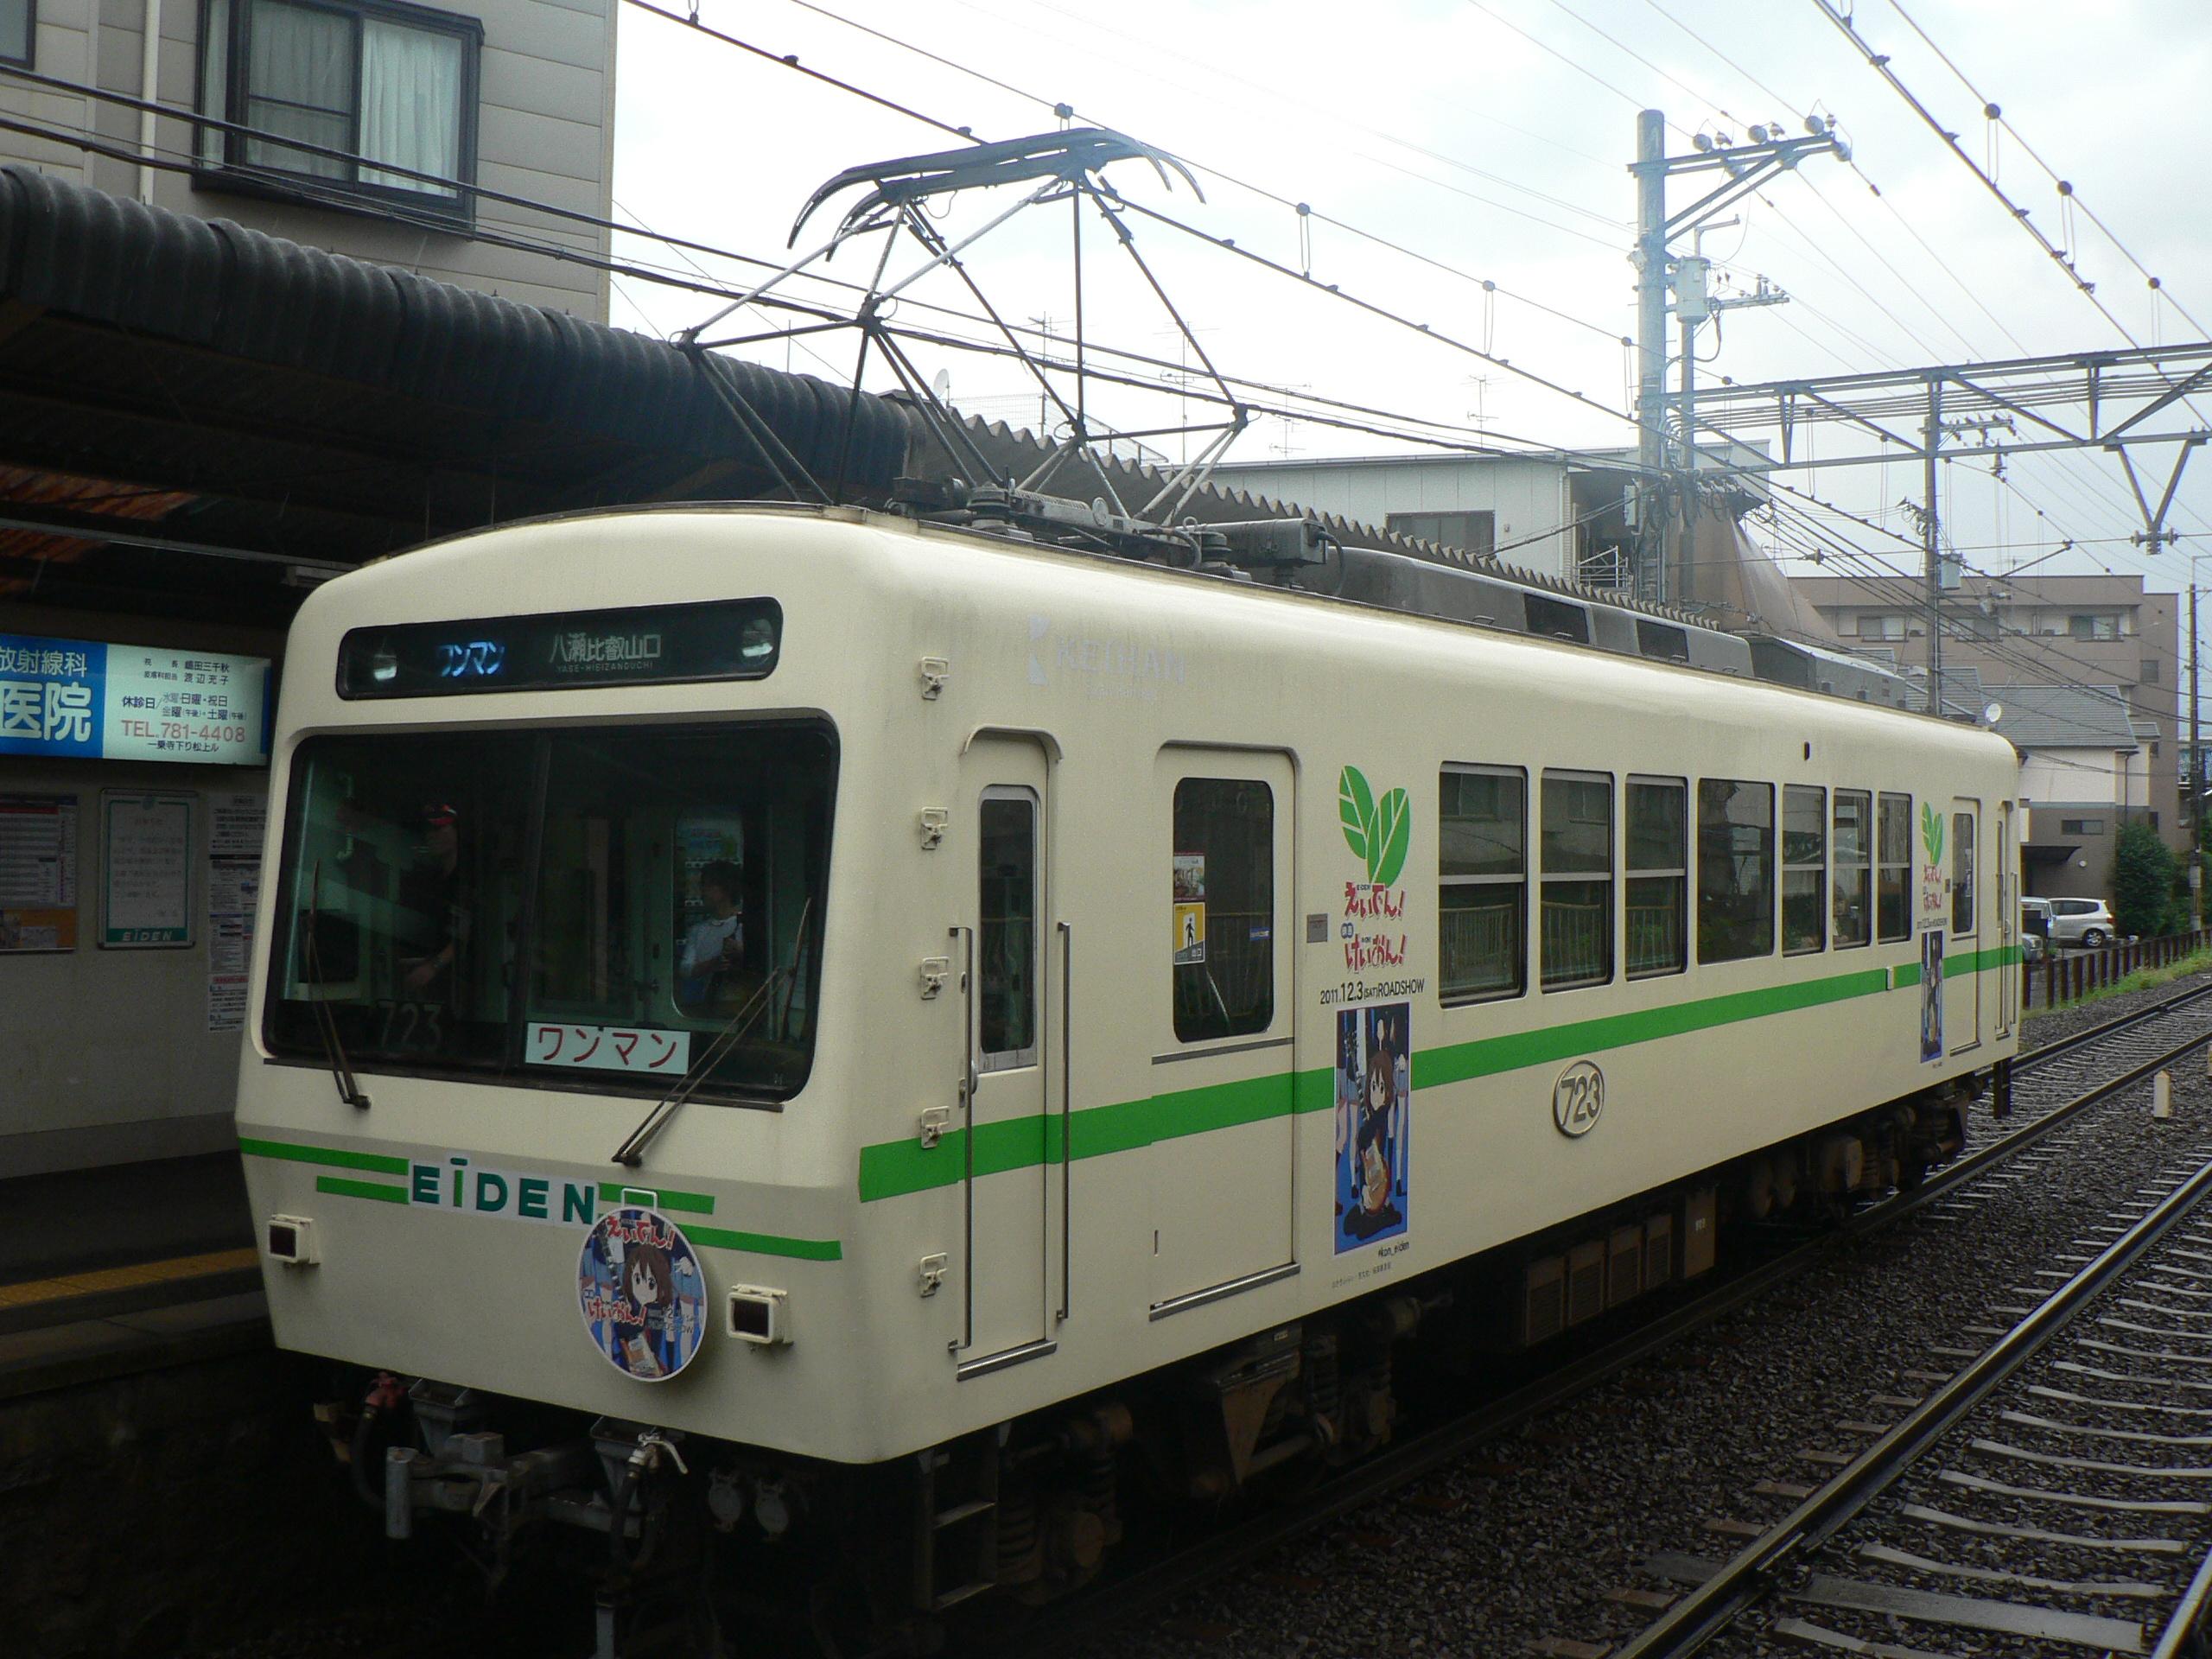 ヘッドマークラッピング , 叡電デオ723号車、『映画けいおん!』ヘッドマークラッピング